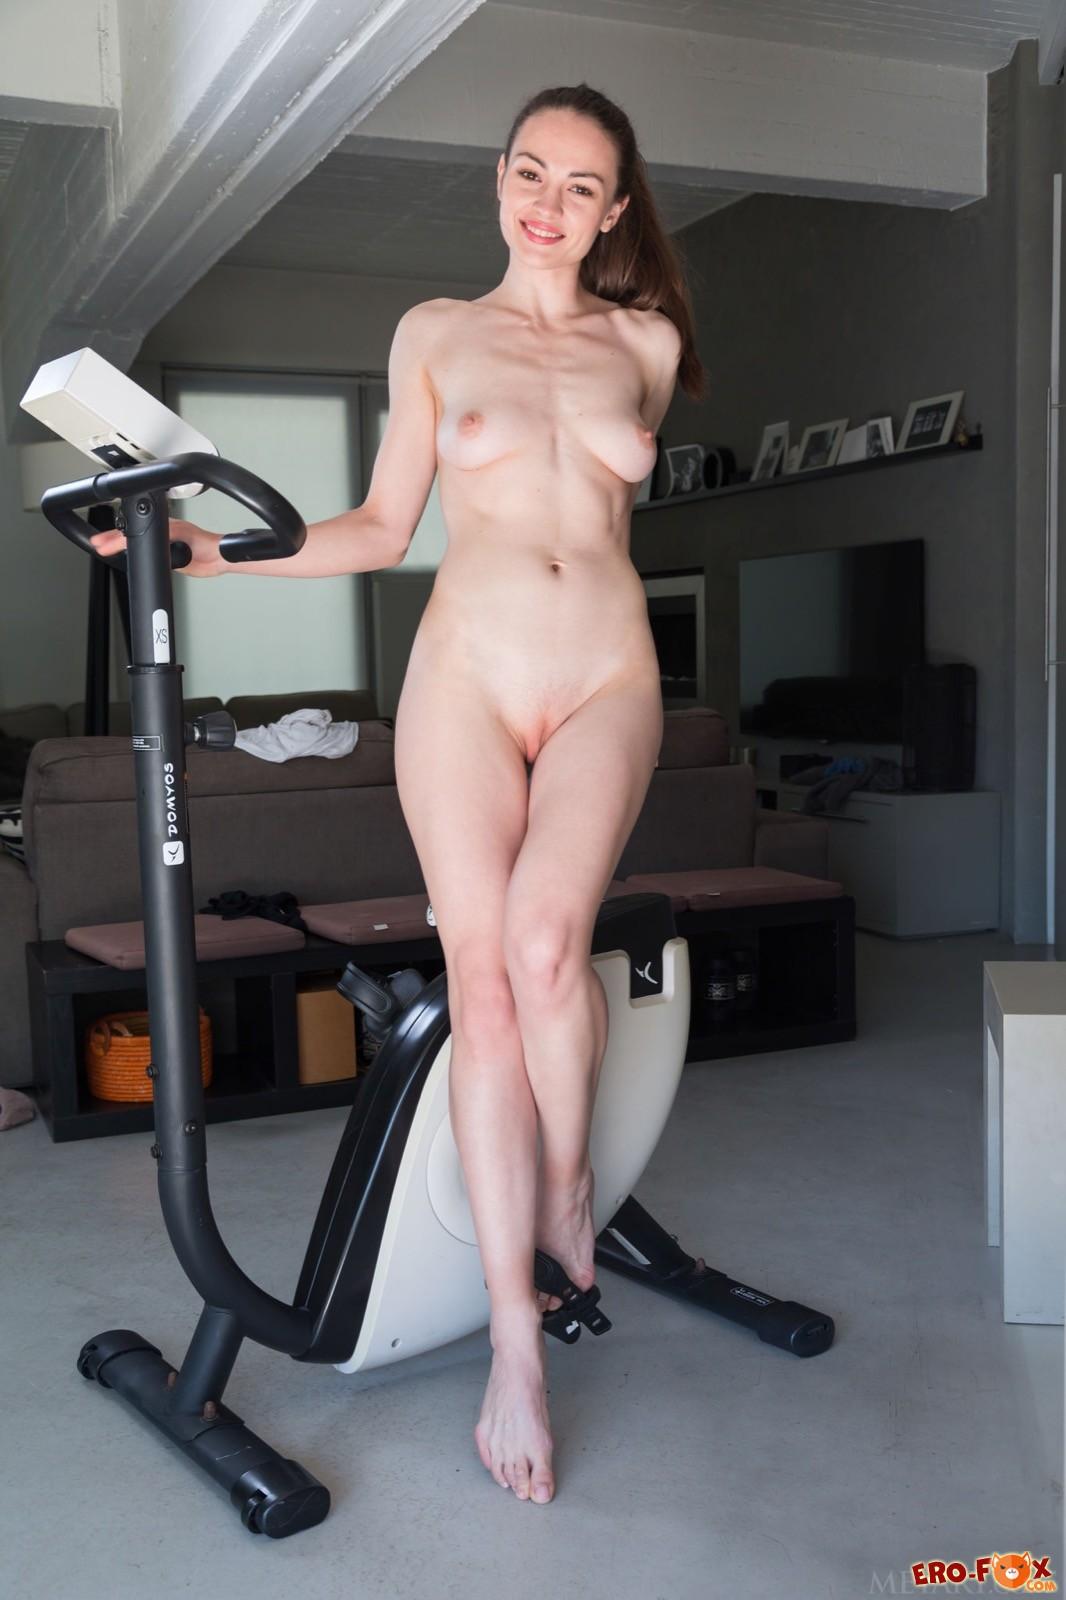 Голая девица занимается спортом - фото